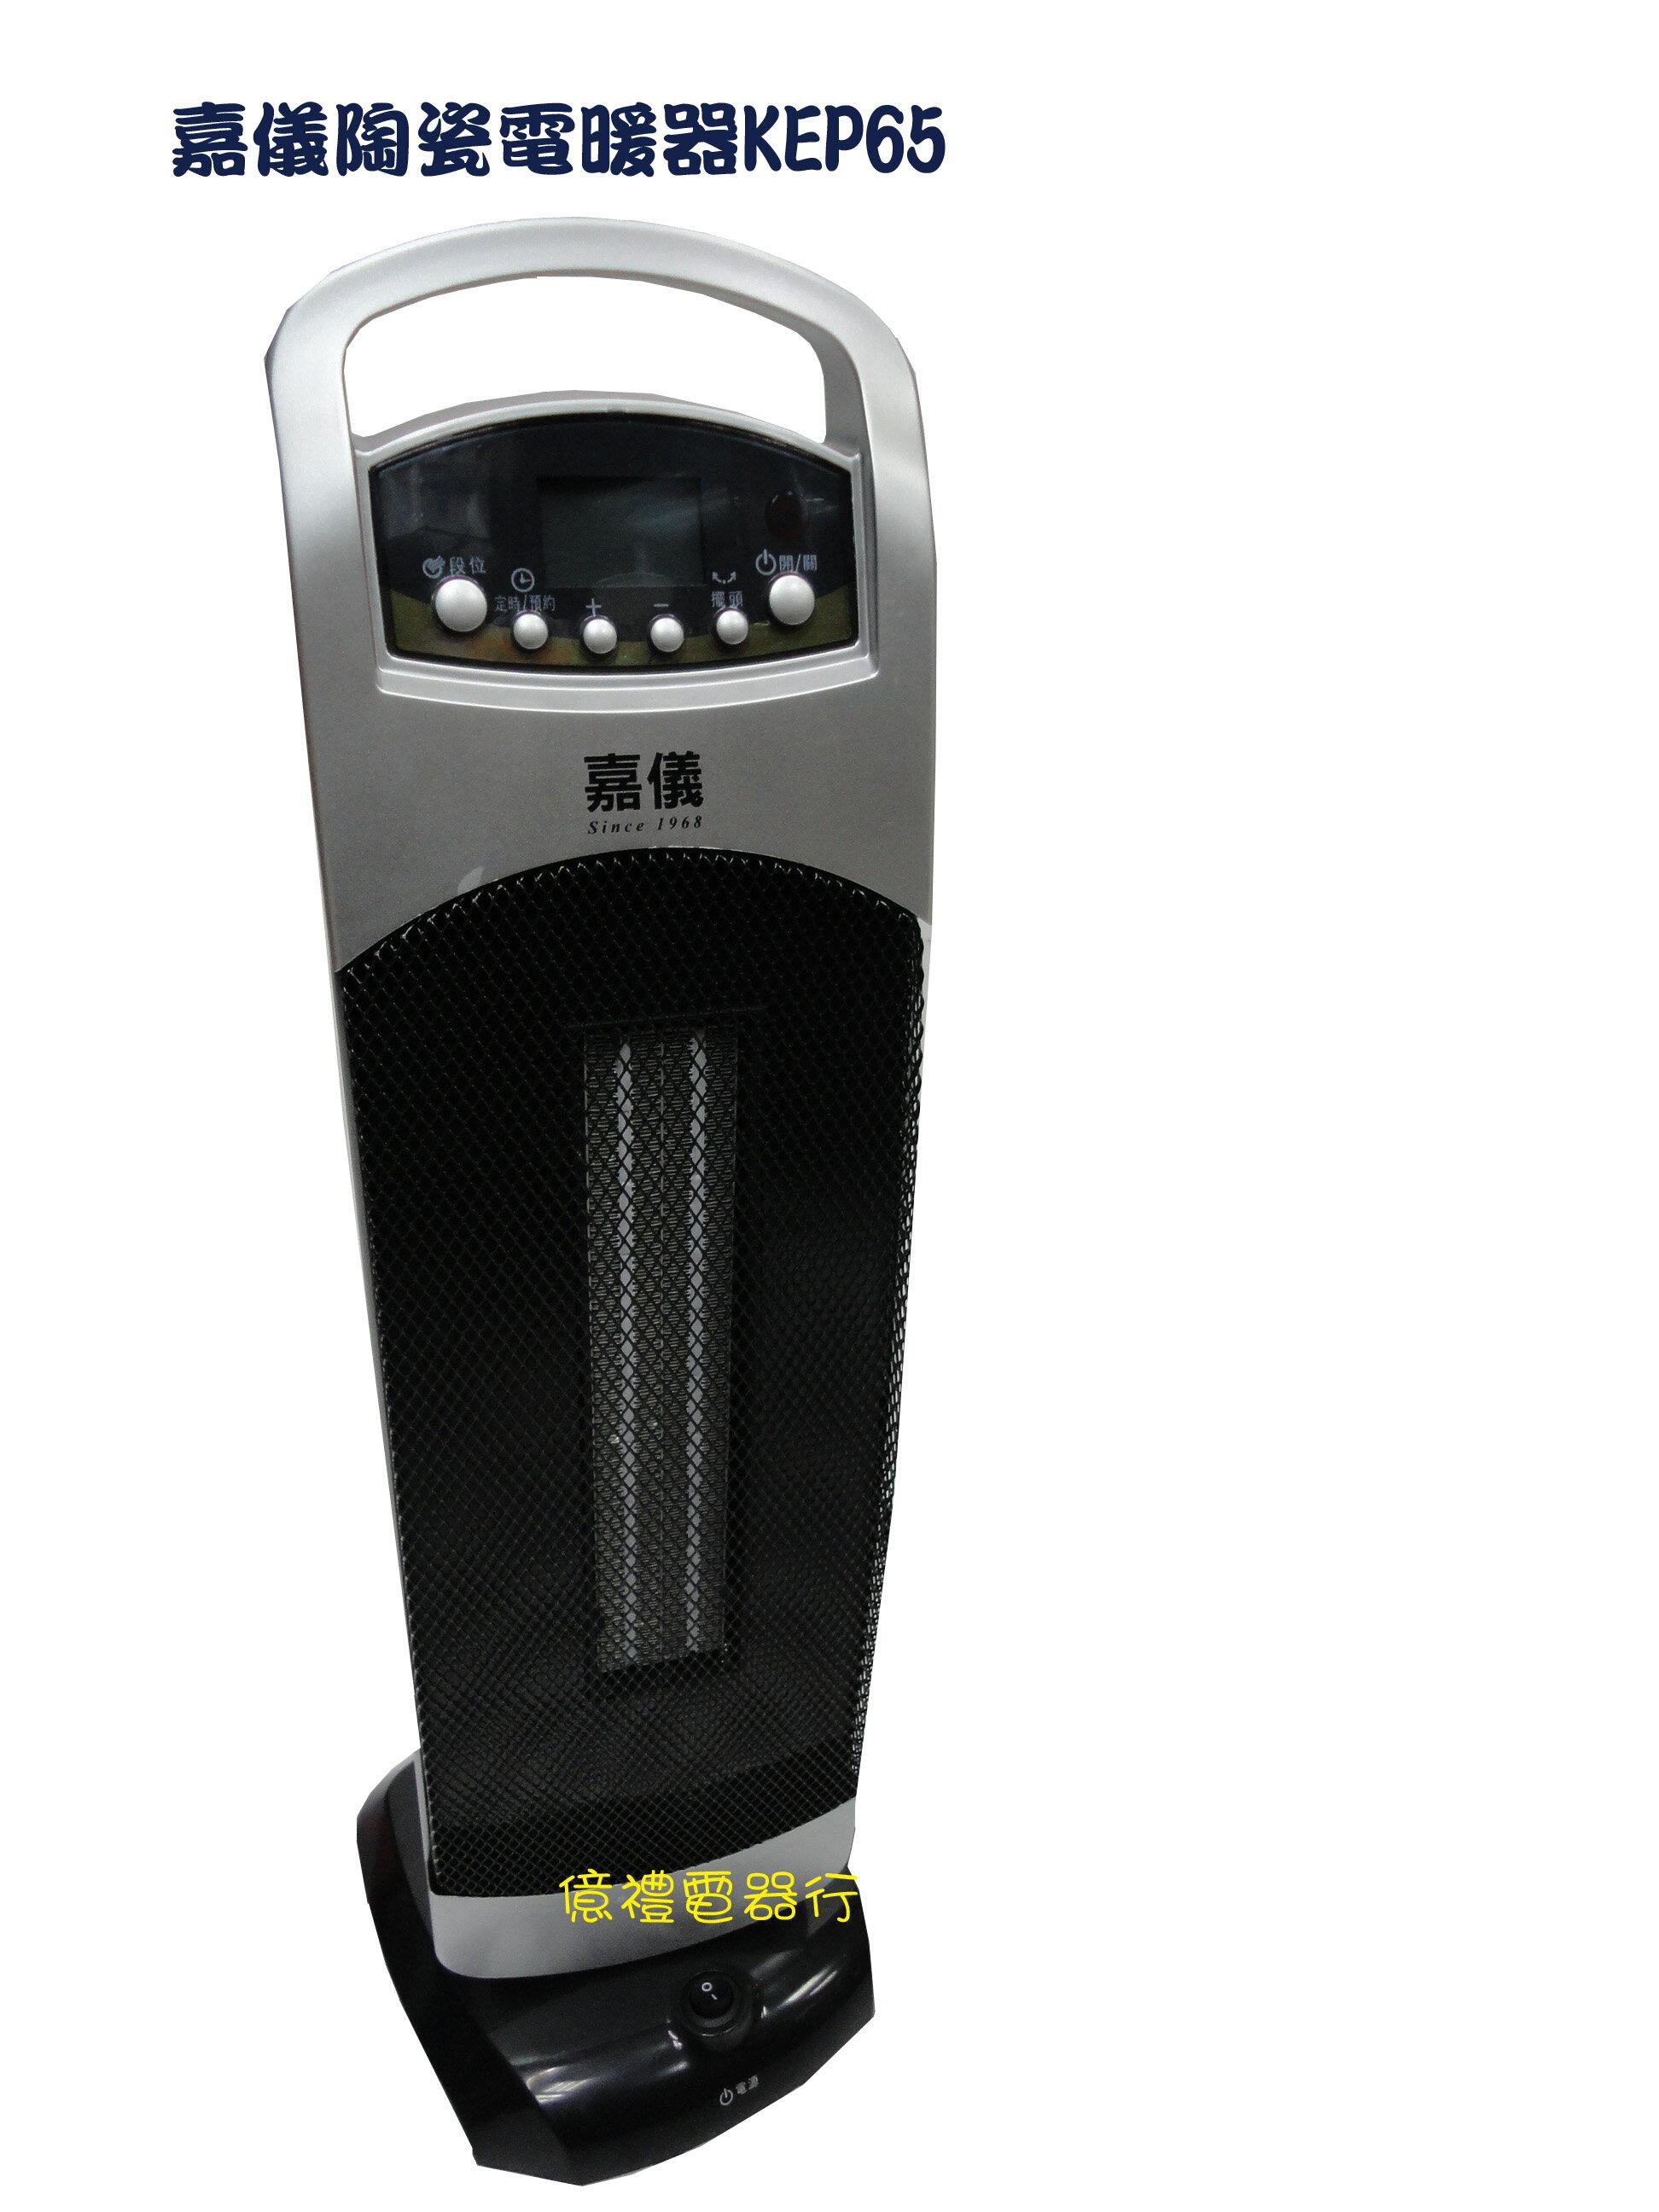 【億禮3C家電館】(缺)嘉儀陶瓷PTC電暖器KEP65/KEP-65.超廣角轉頭設計,送暖範圍達135度